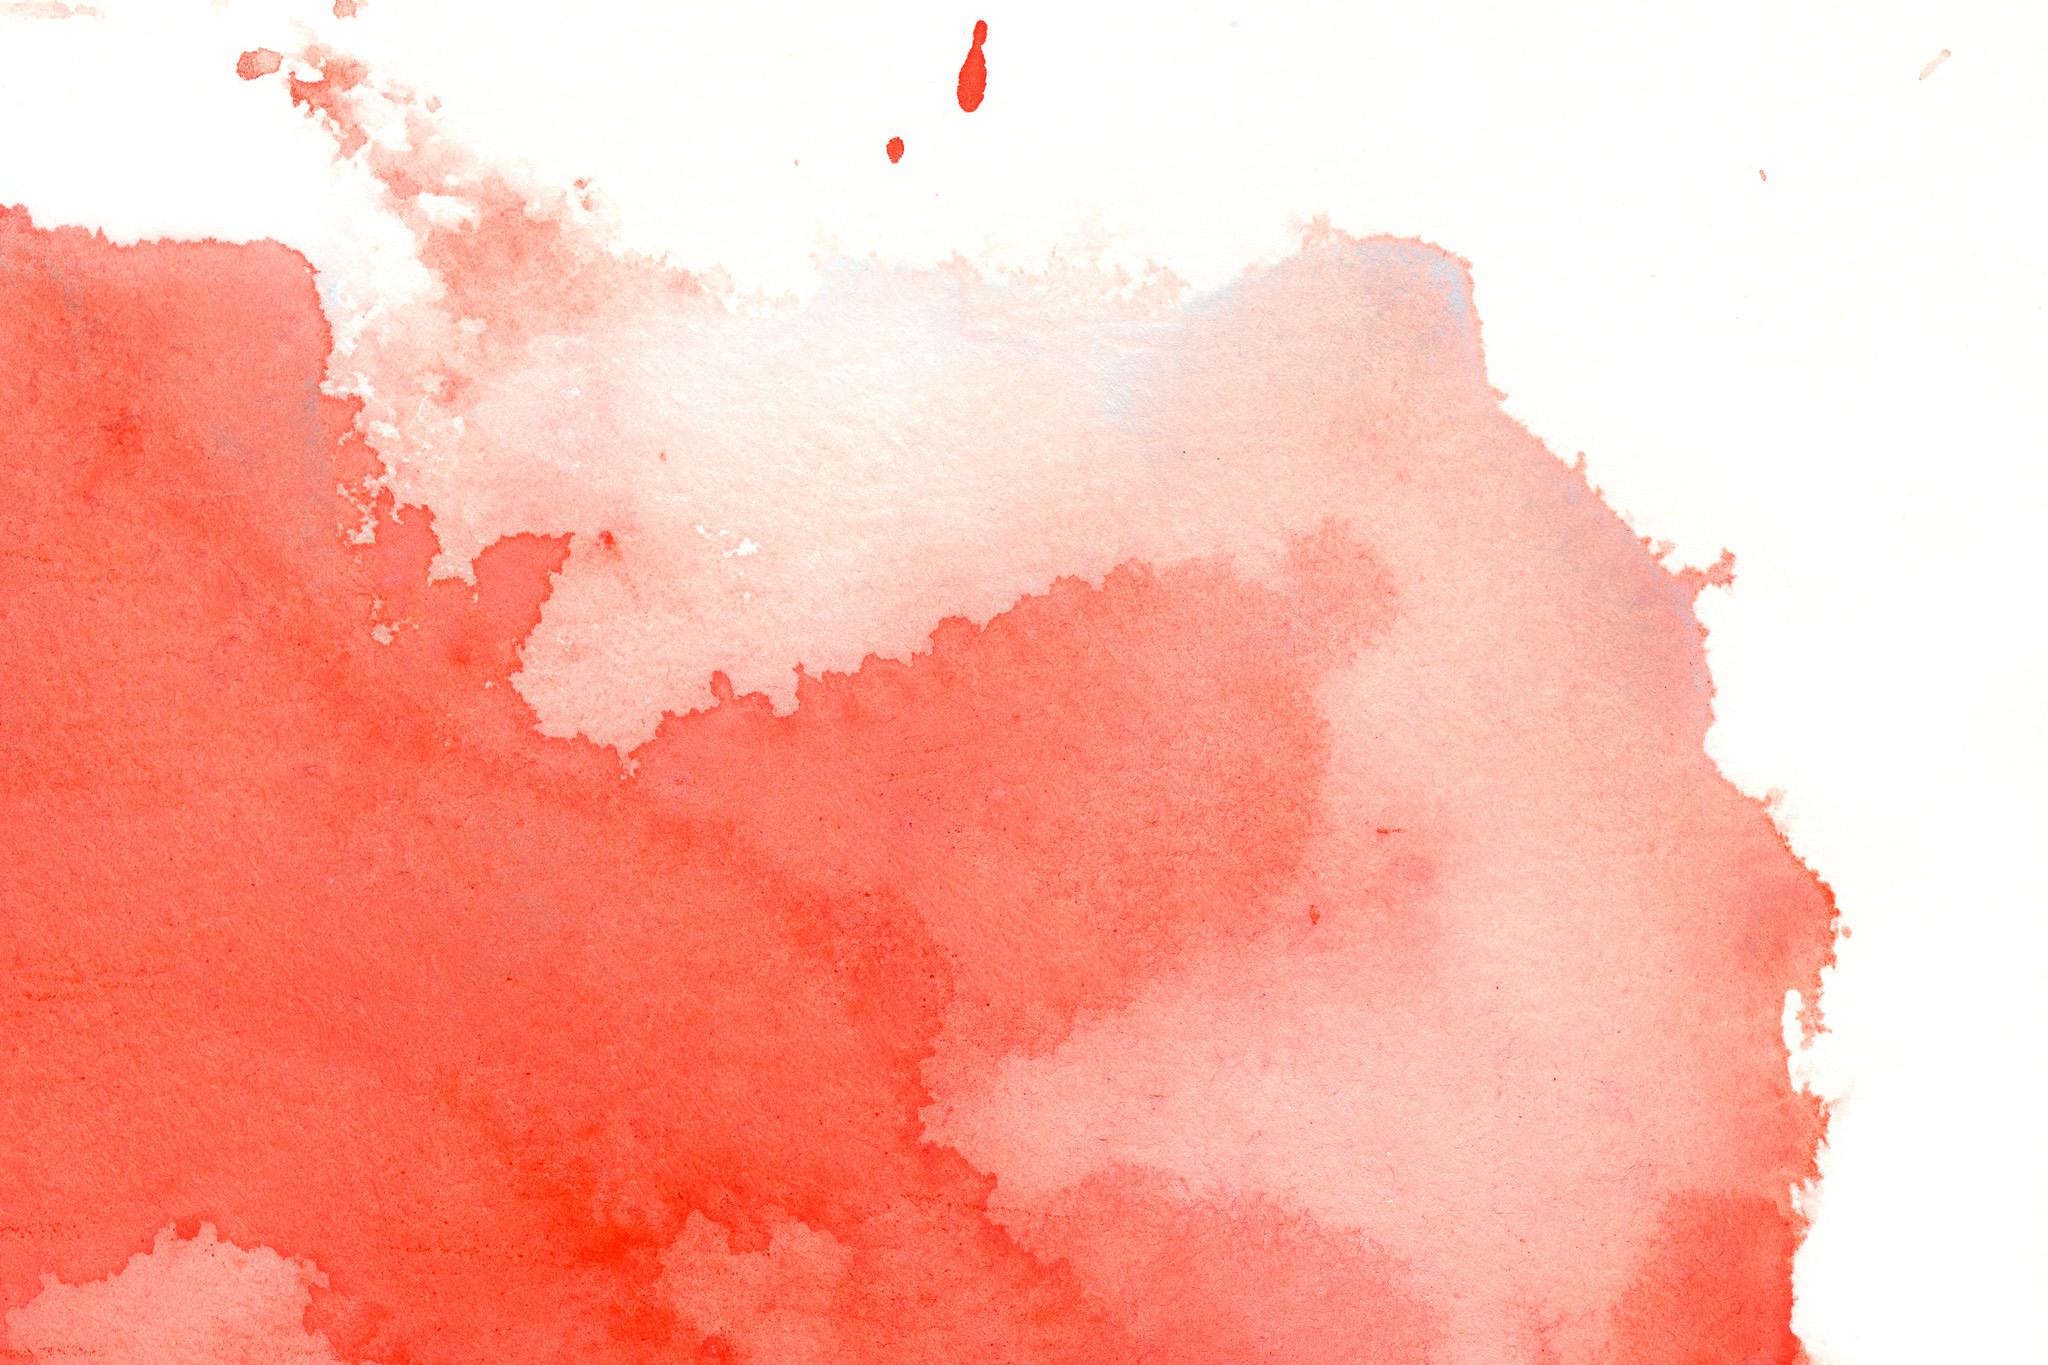 「紙に染み込む赤い水彩絵の具」